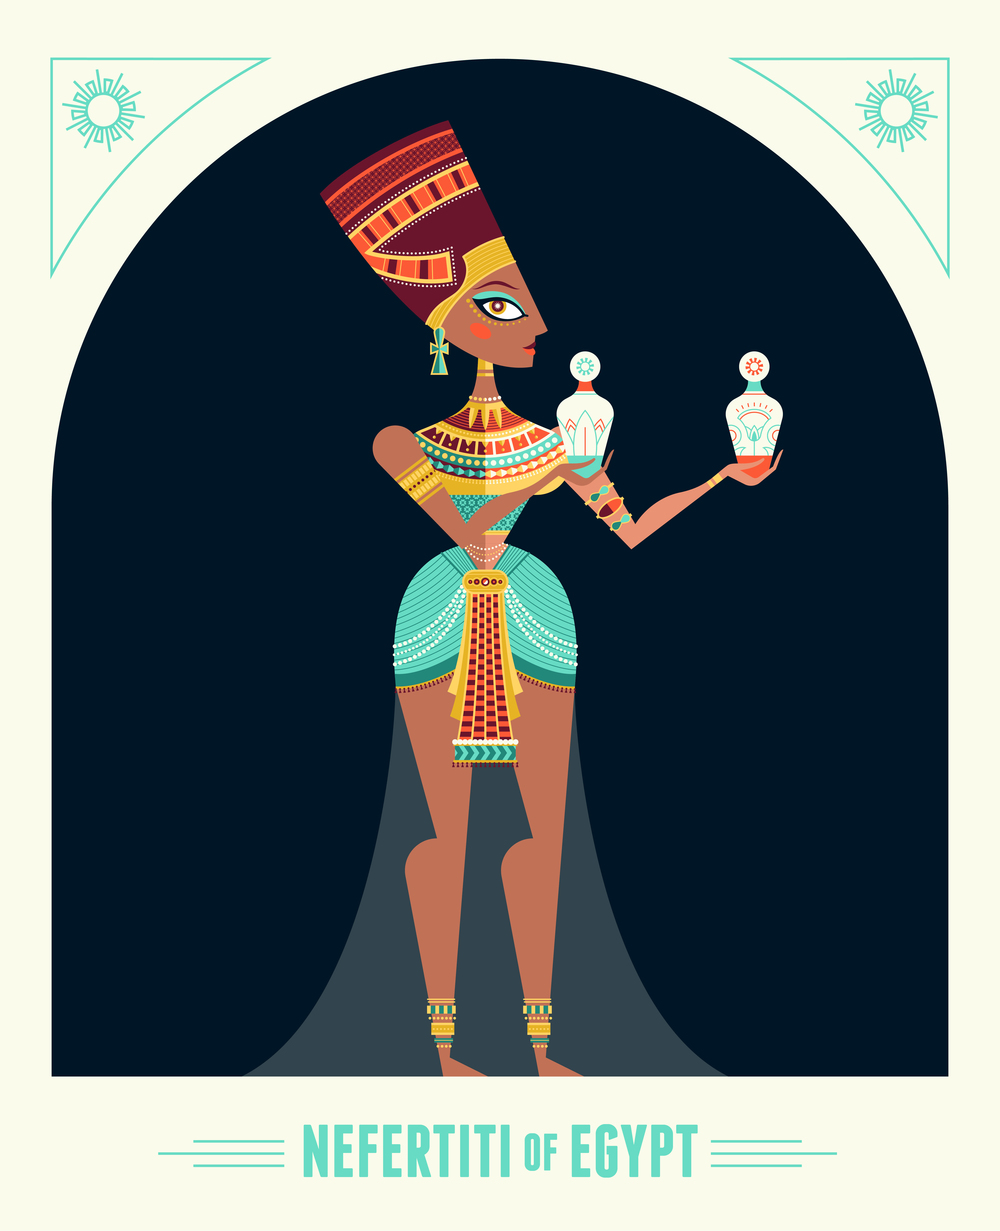 Nefertiti_01-01.jpg